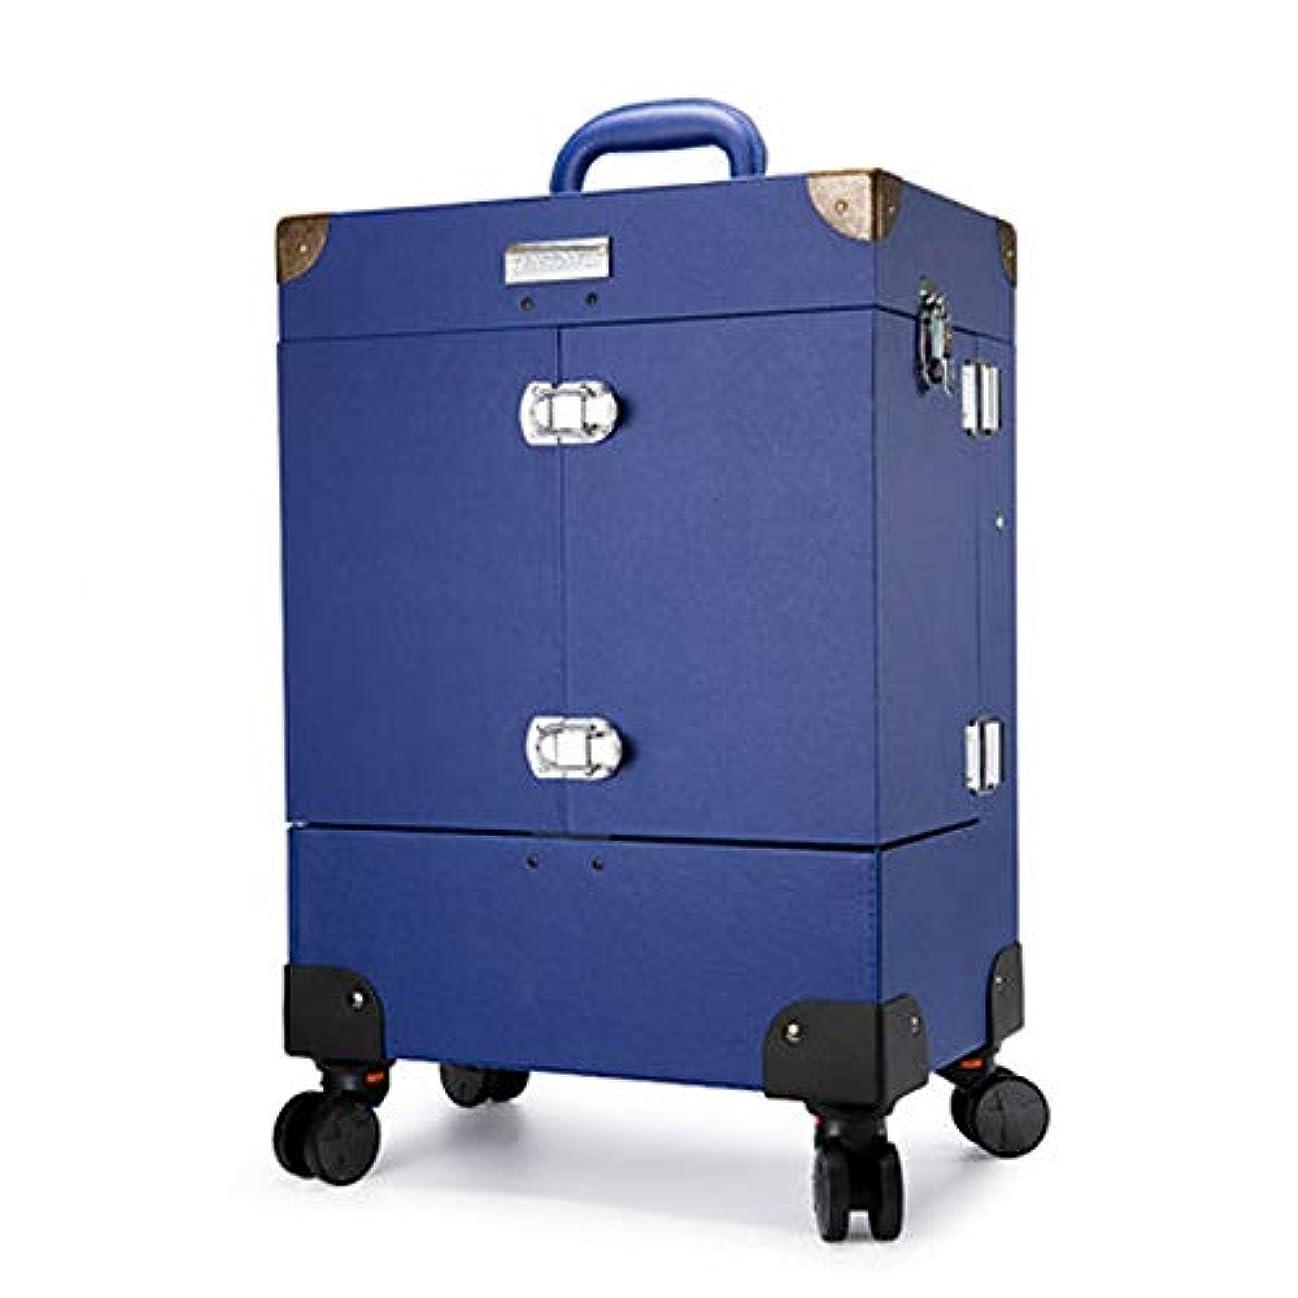 背骨モジュール未使用プロ専用 ネイリスト クローゼット スーツケース ネイル収納 メイクボックス キャリーバッグ ヘアメイク ネイル 大容量 軽量 高品質 多機能 プロ I-JL-3505T-BL